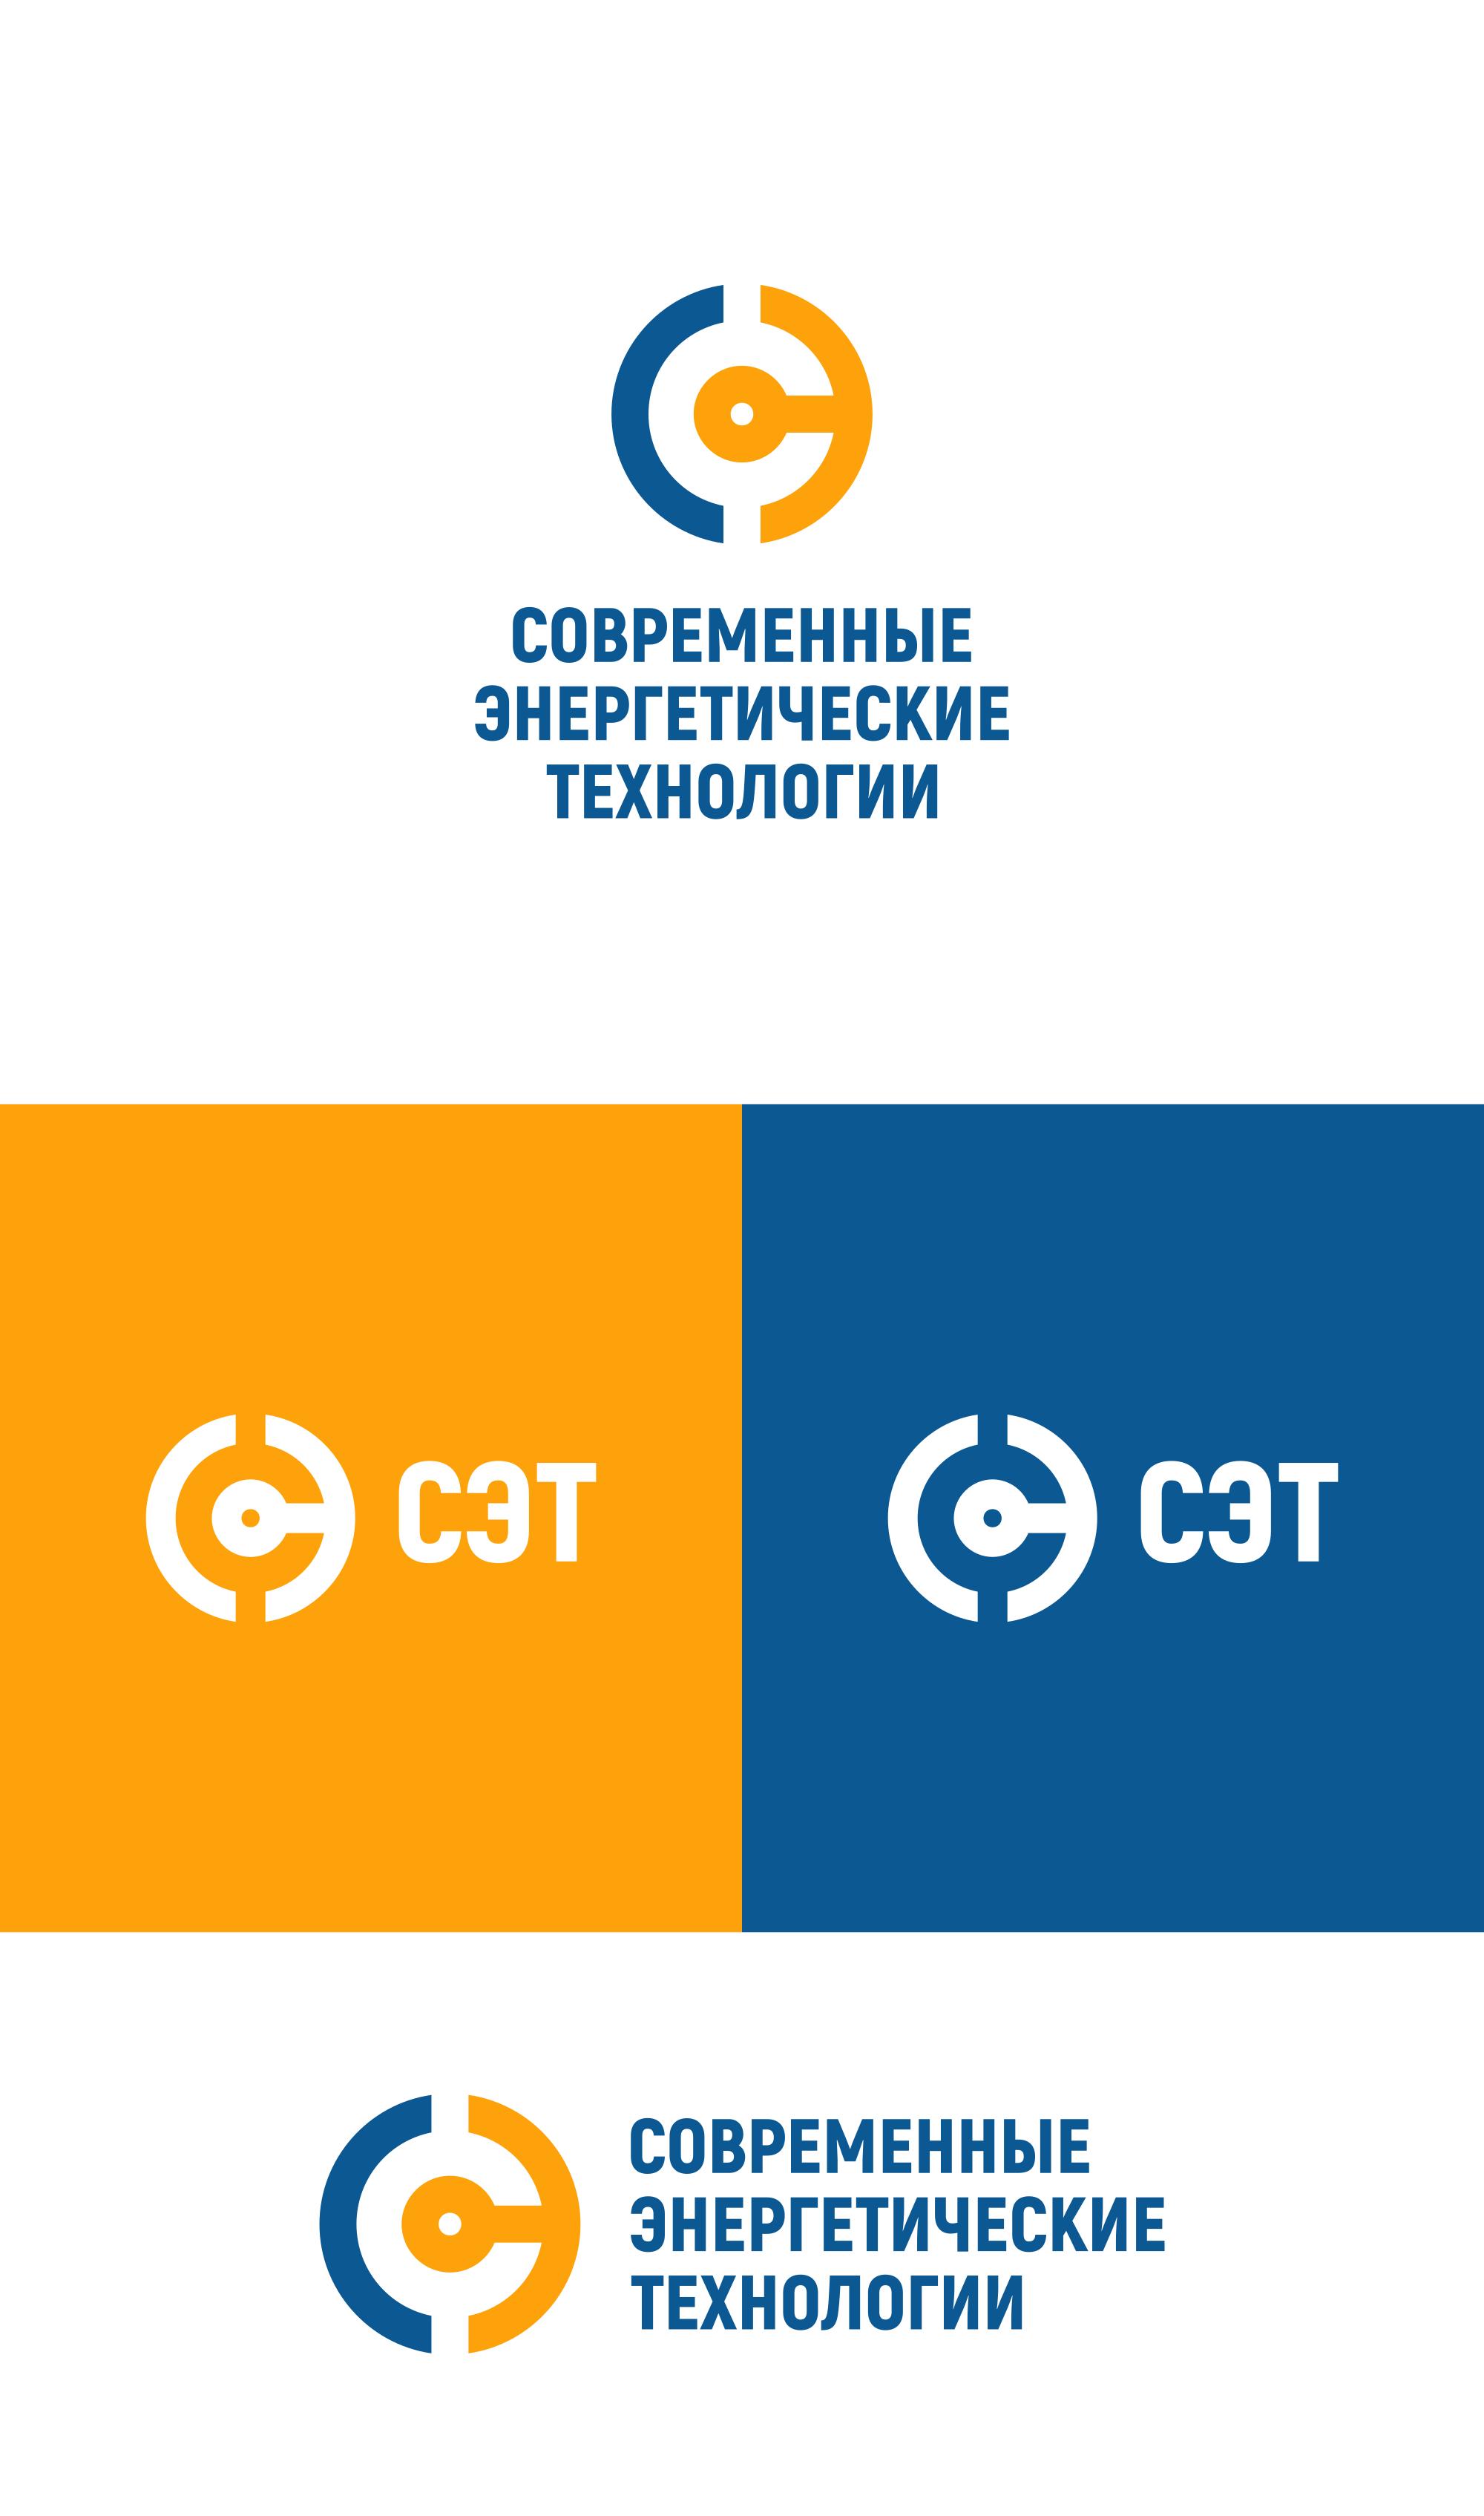 Срочно! Дизайн логотипа ООО «СЭТ» фото f_1195d4d08ee2c3e0.png